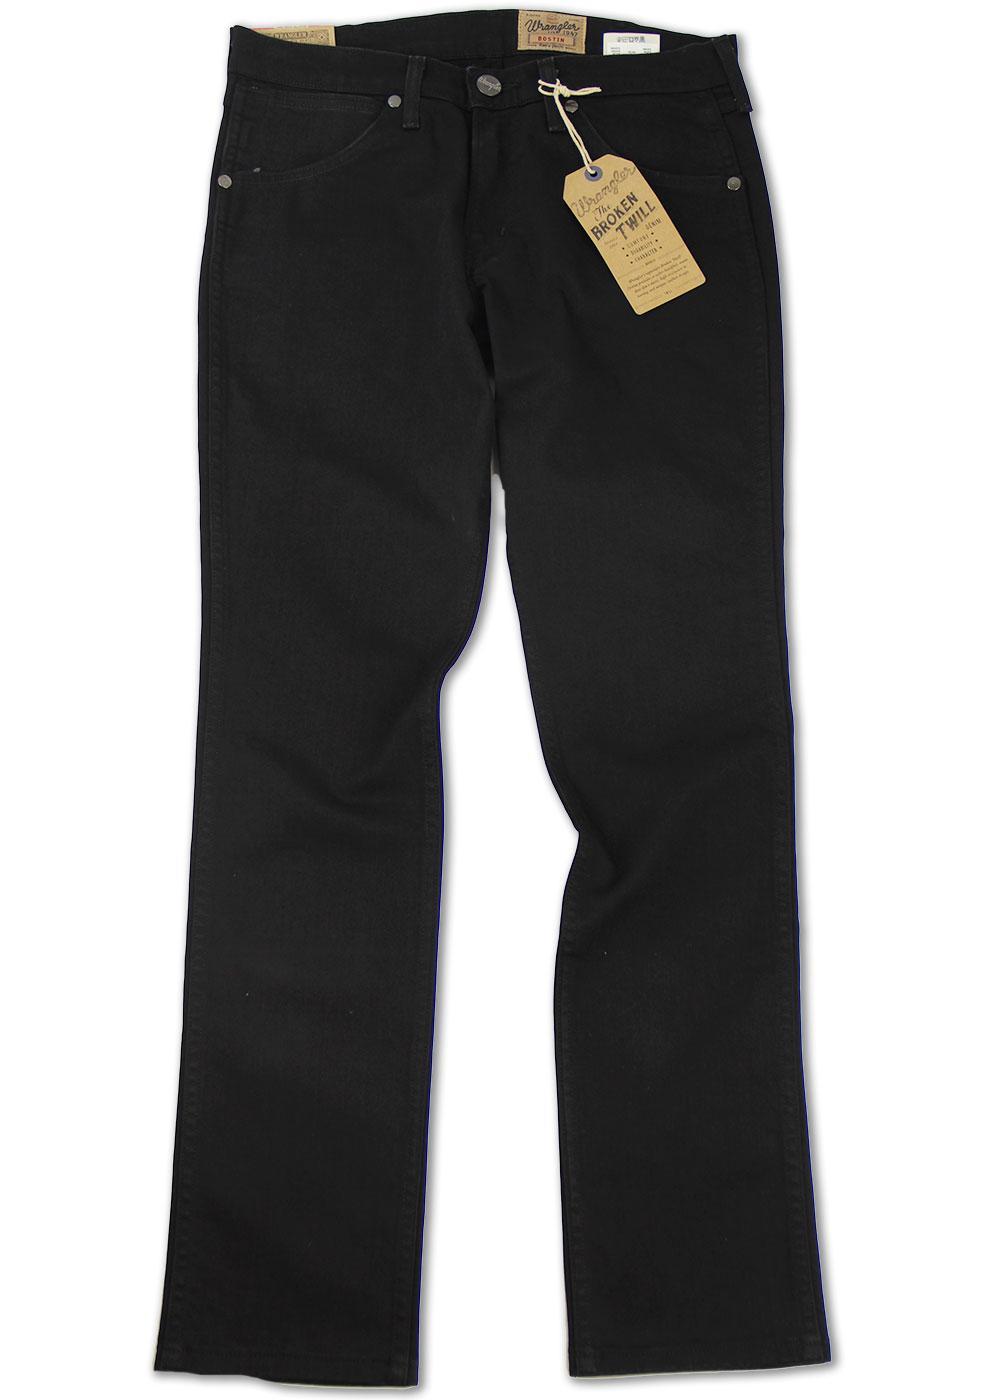 Bostin WRANGLER Retro Classic Standard Slim Jeans